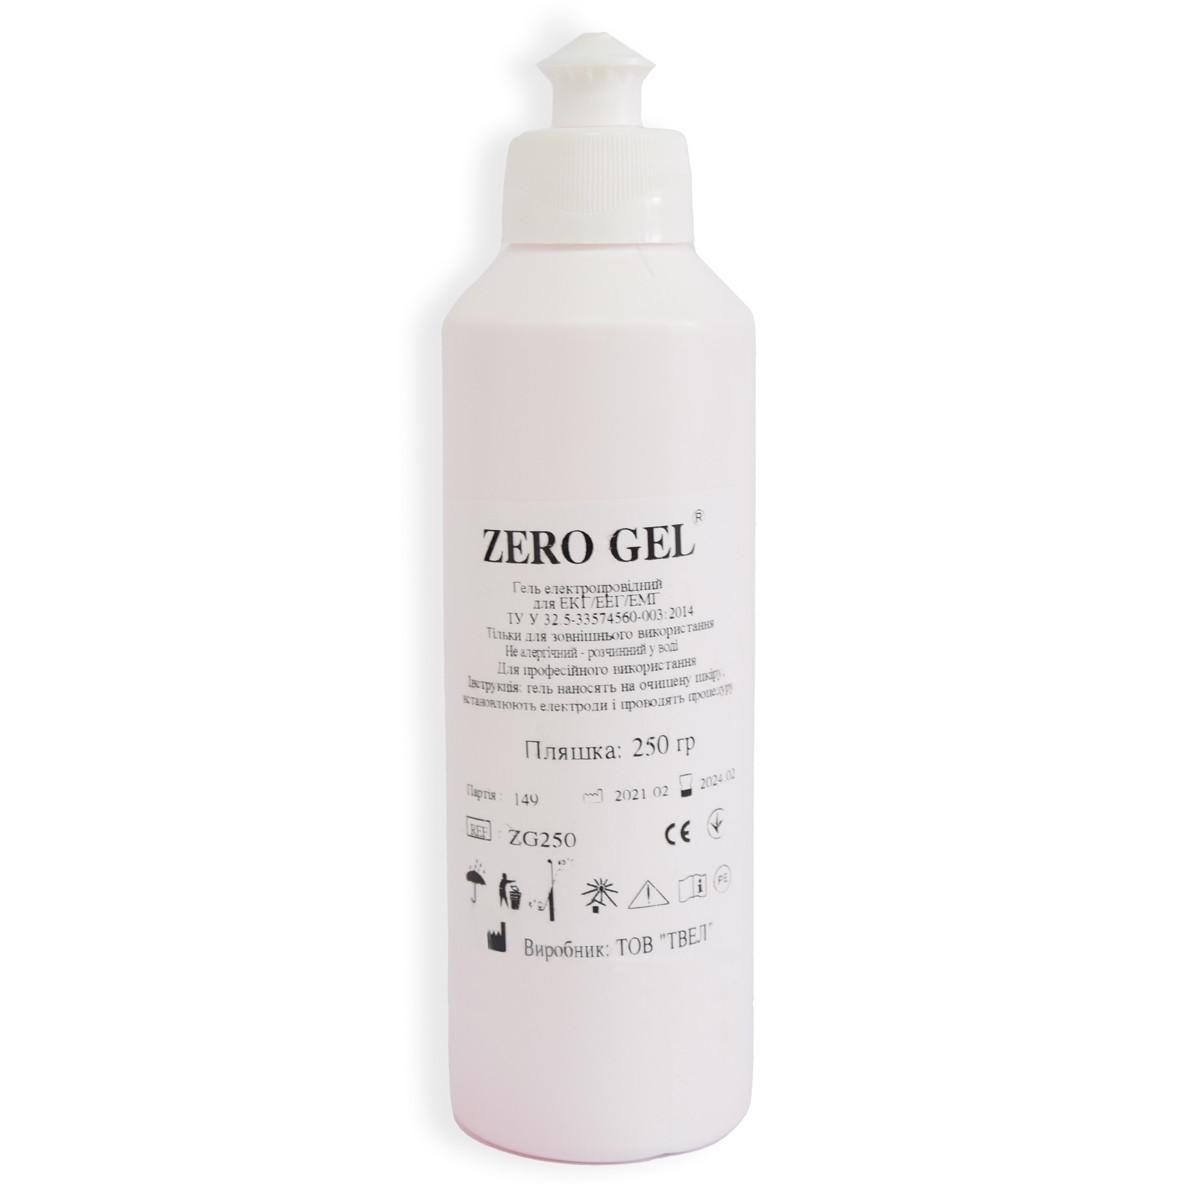 Контактний електродний Zero gel (250 мл) струмопровідний гель для миостимулятора, ЕКГ, УЗД (токопроводящий)